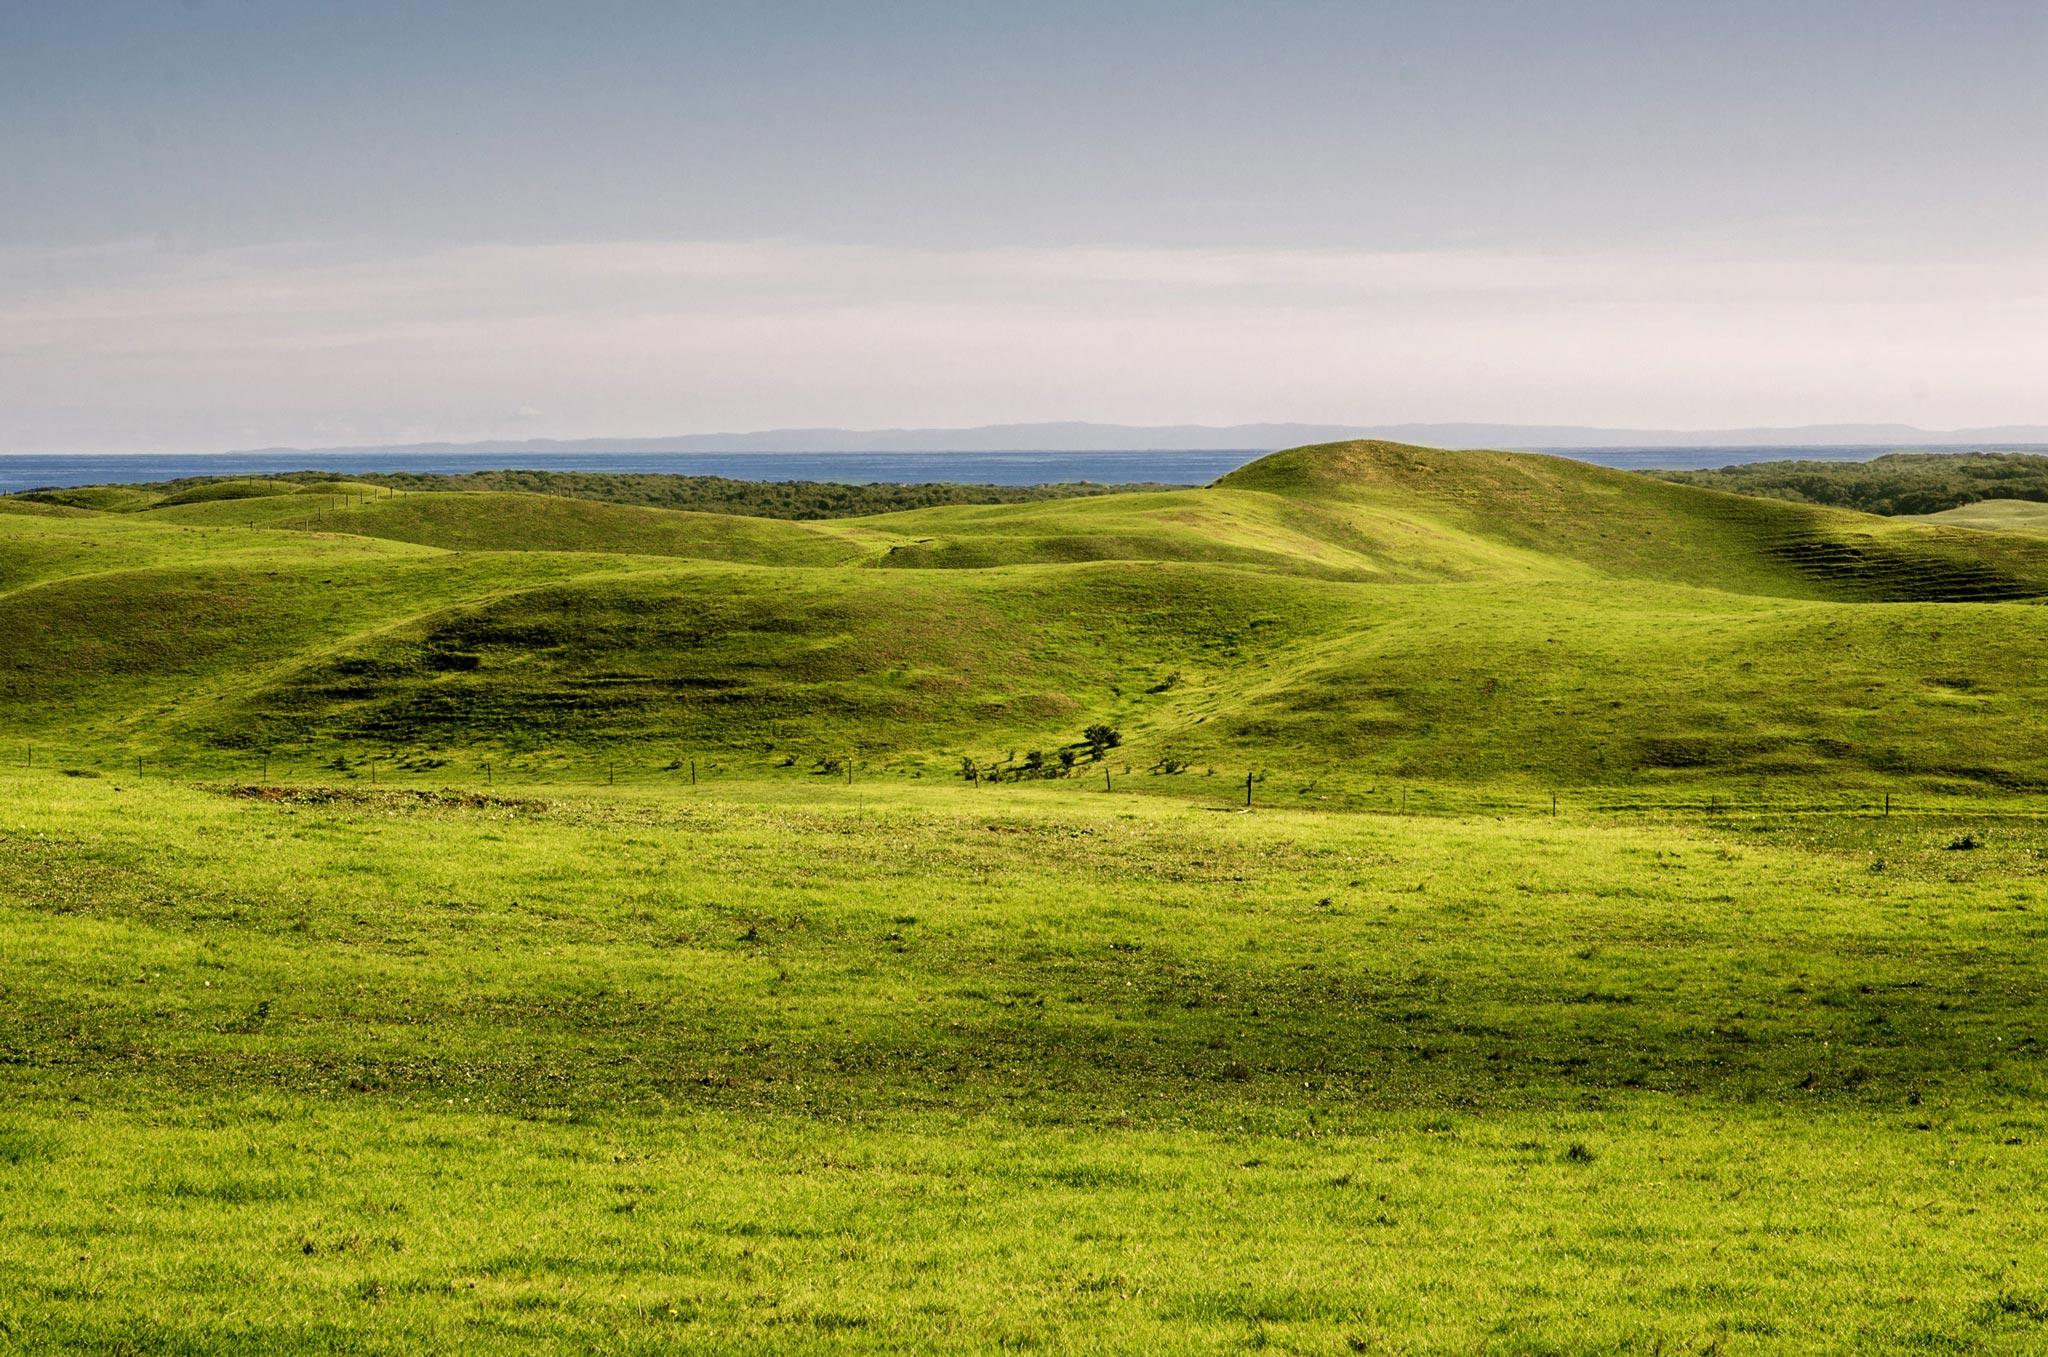 Paesaggi-Australia - DSC 6965 - Travel-photographer-Australia-Victoria - Travel-photographer-Australia-Victoria